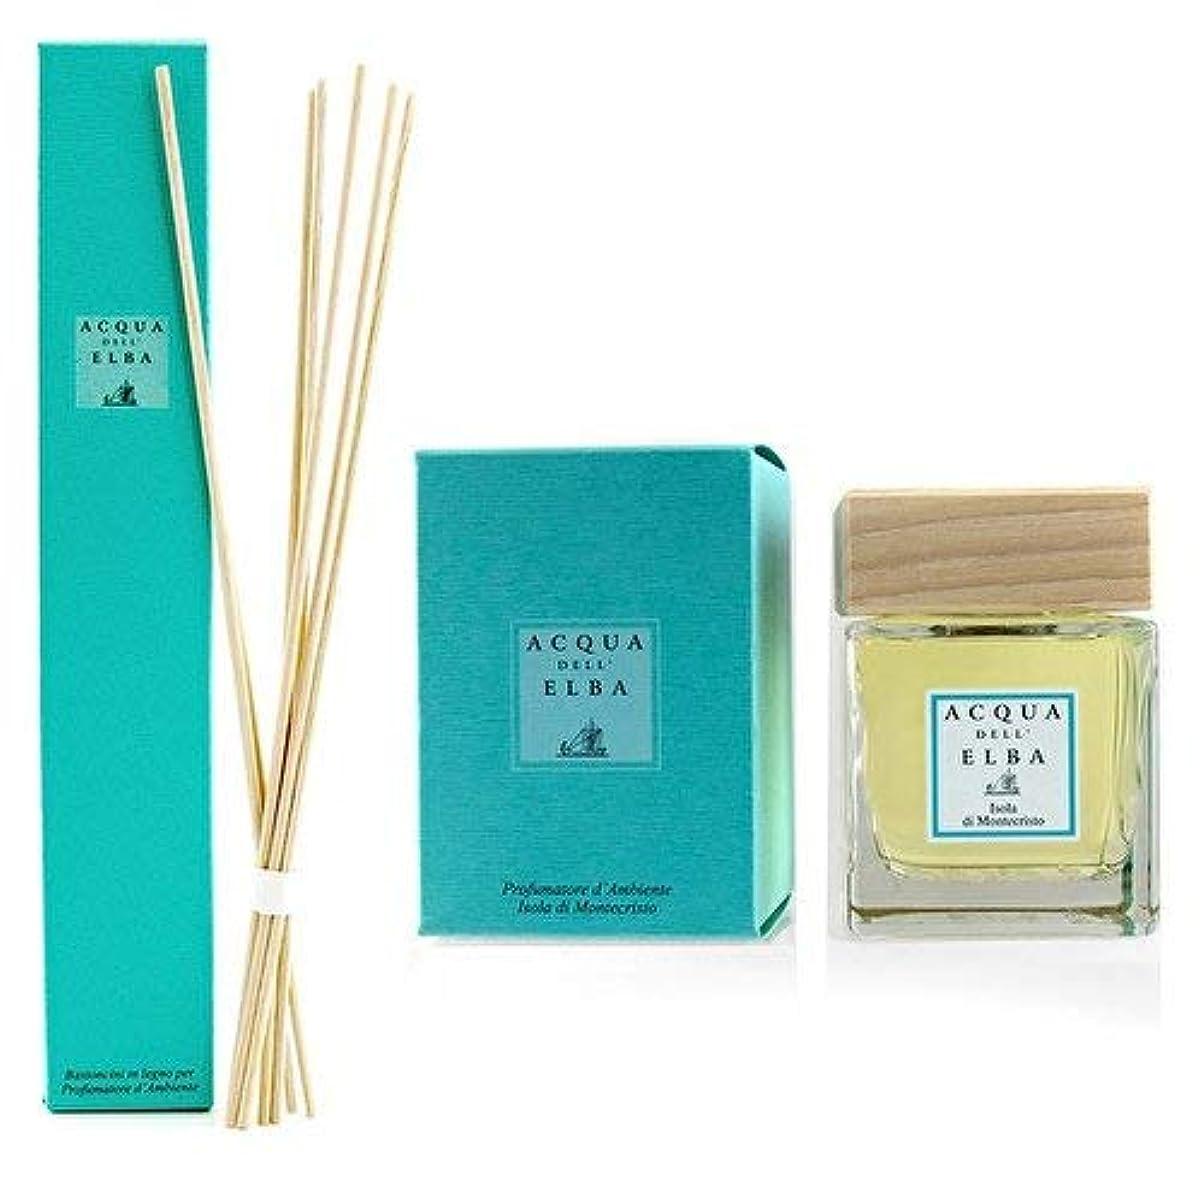 千吸収剤一次アクア?デッレ?エルバ Home Fragrance Diffuser - Isola Di Montecristo 200ml/6.8oz並行輸入品